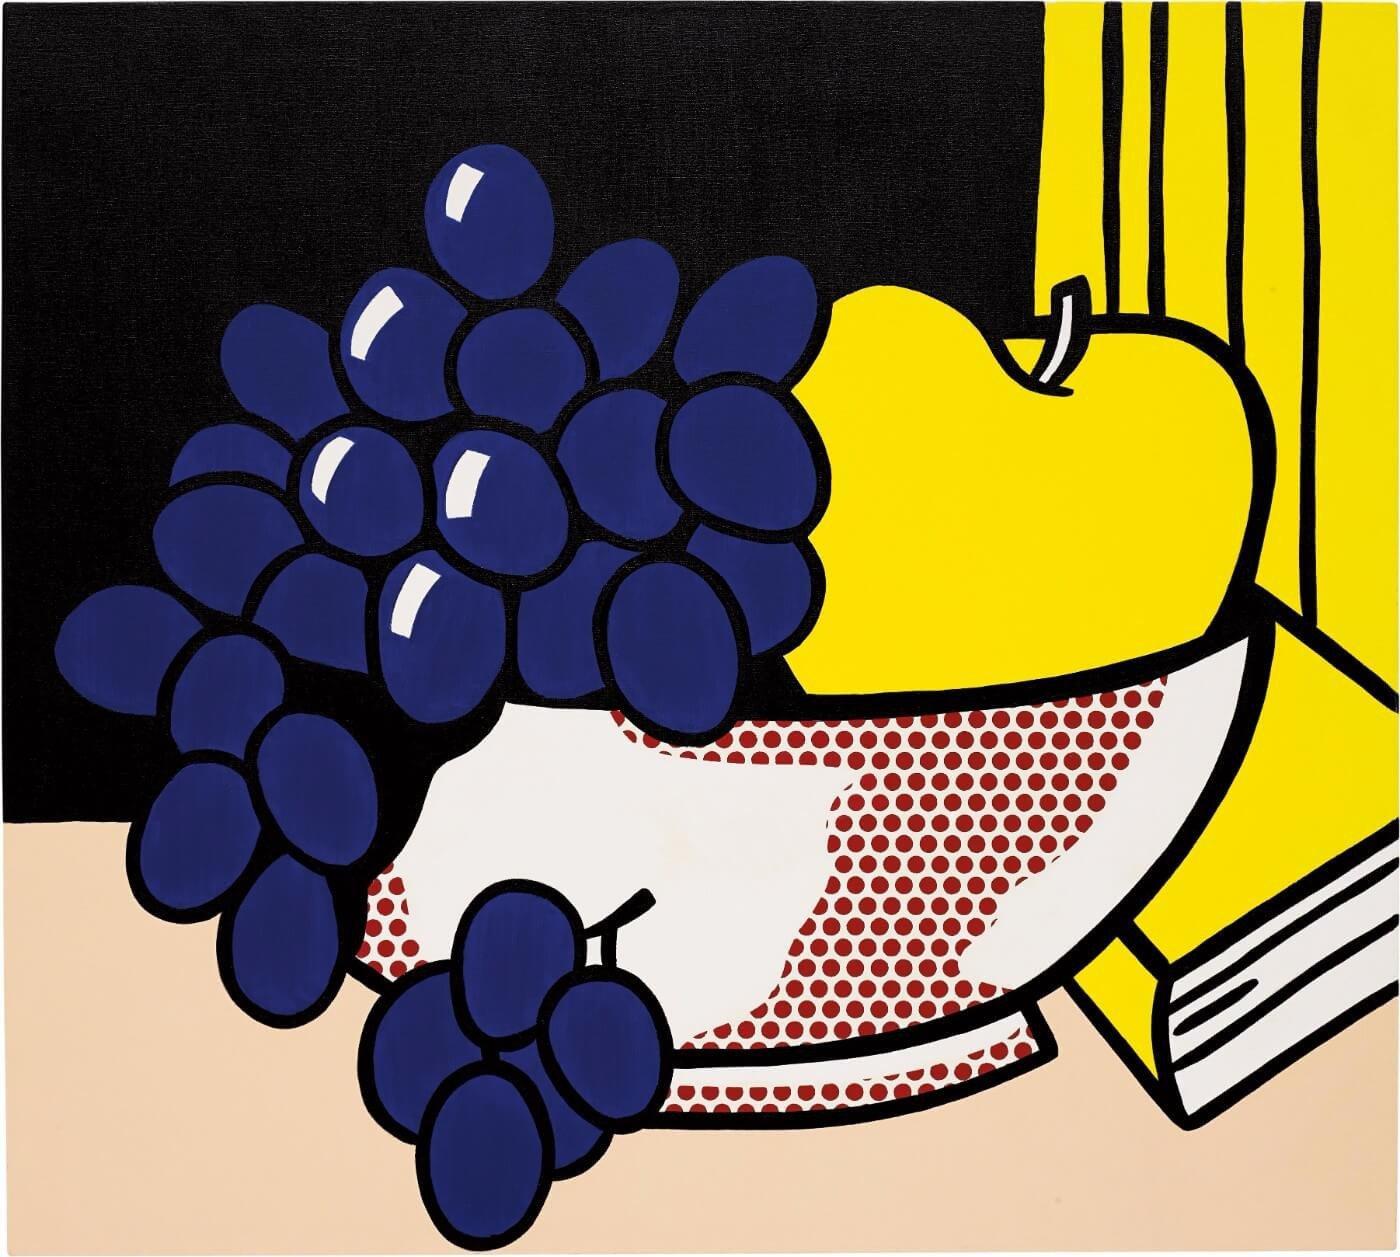 G S Clipart Pop Art G S Pop Art Transparent Free